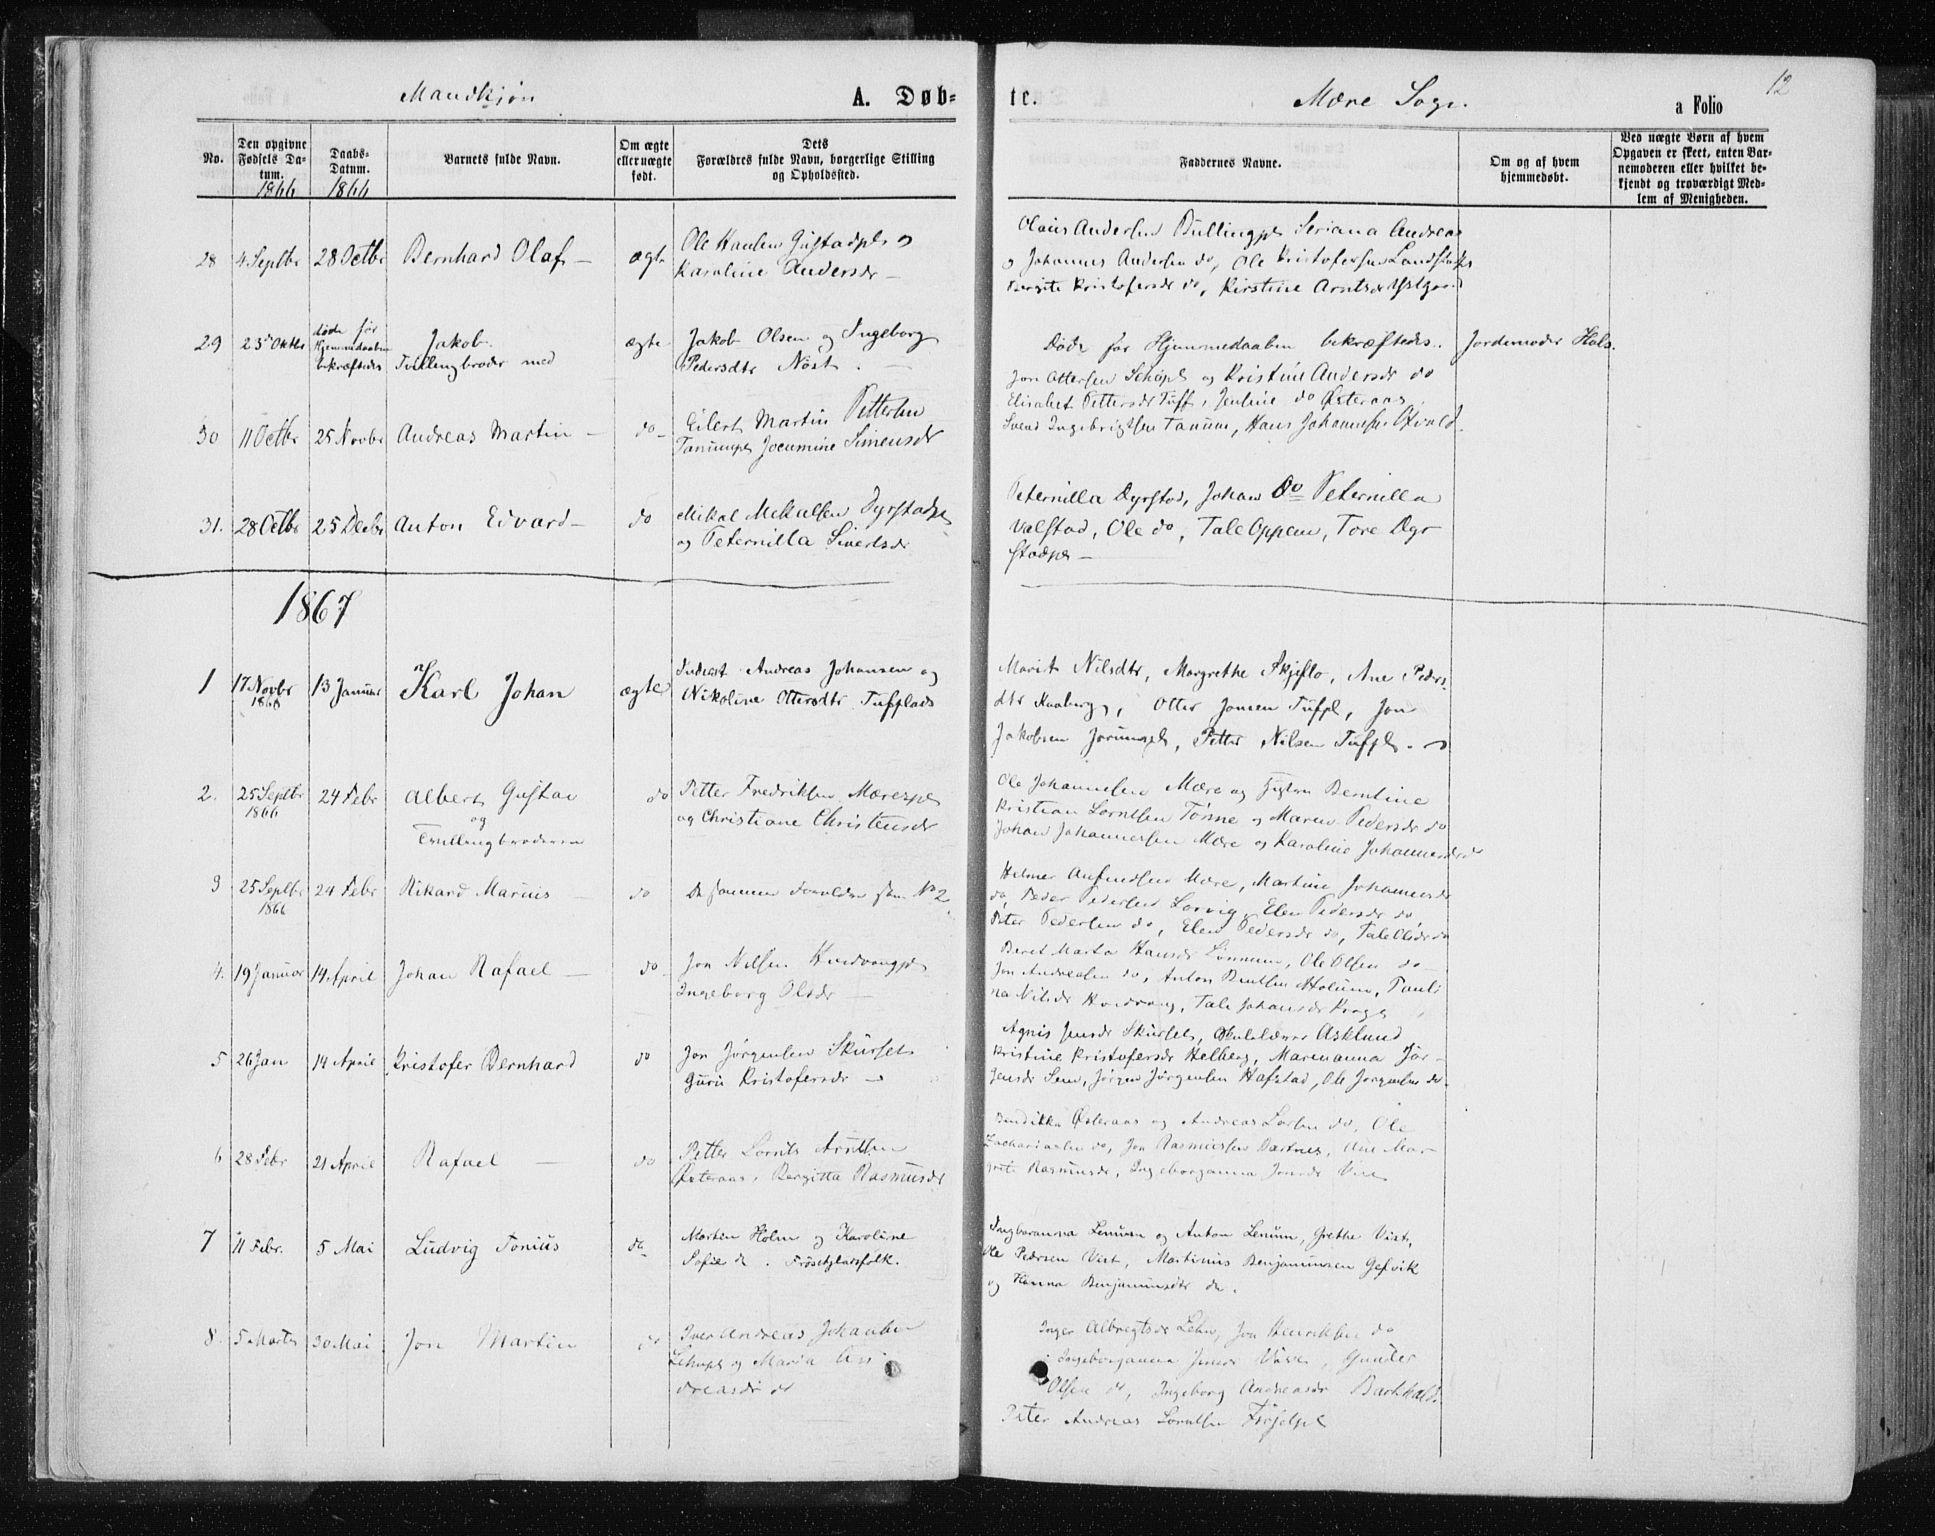 SAT, Ministerialprotokoller, klokkerbøker og fødselsregistre - Nord-Trøndelag, 735/L0345: Ministerialbok nr. 735A08 /1, 1863-1872, s. 12